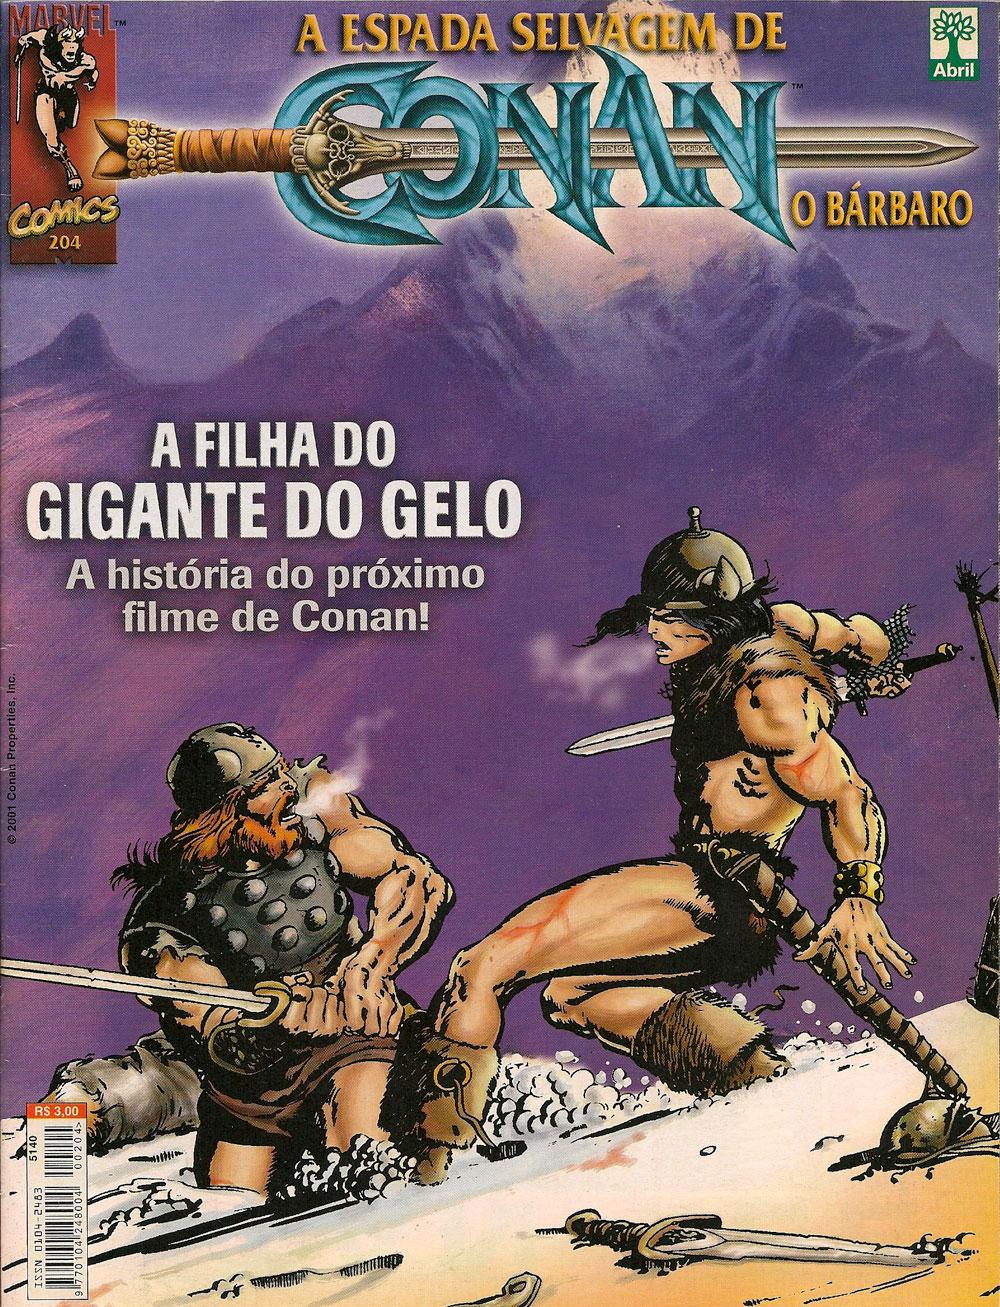 Capa: A Espada Selvagem de Conan 204